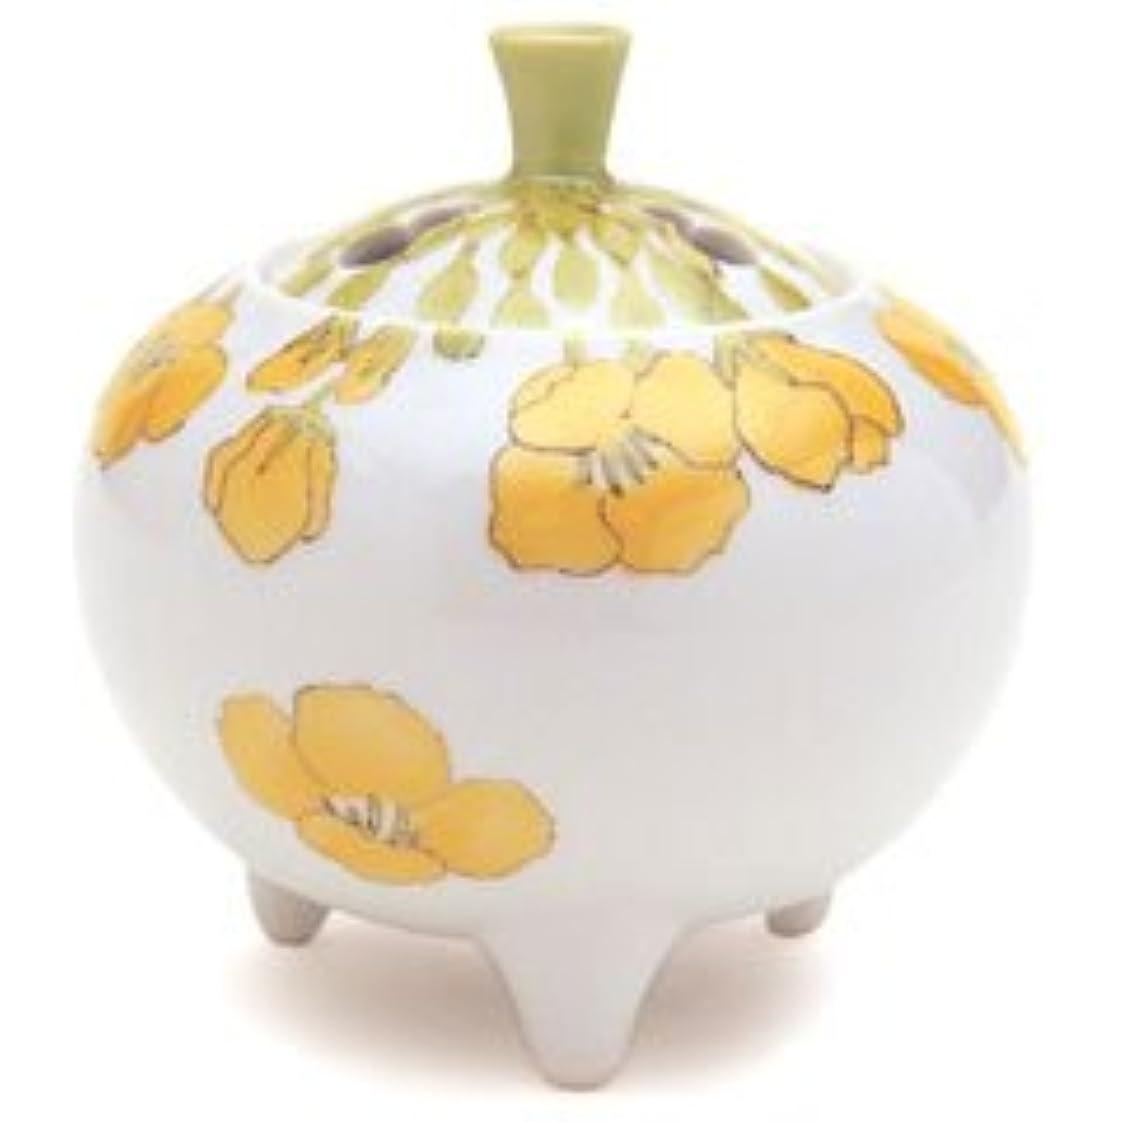 鉛植物学原点香炉 流麗 菜の花 (九谷焼)